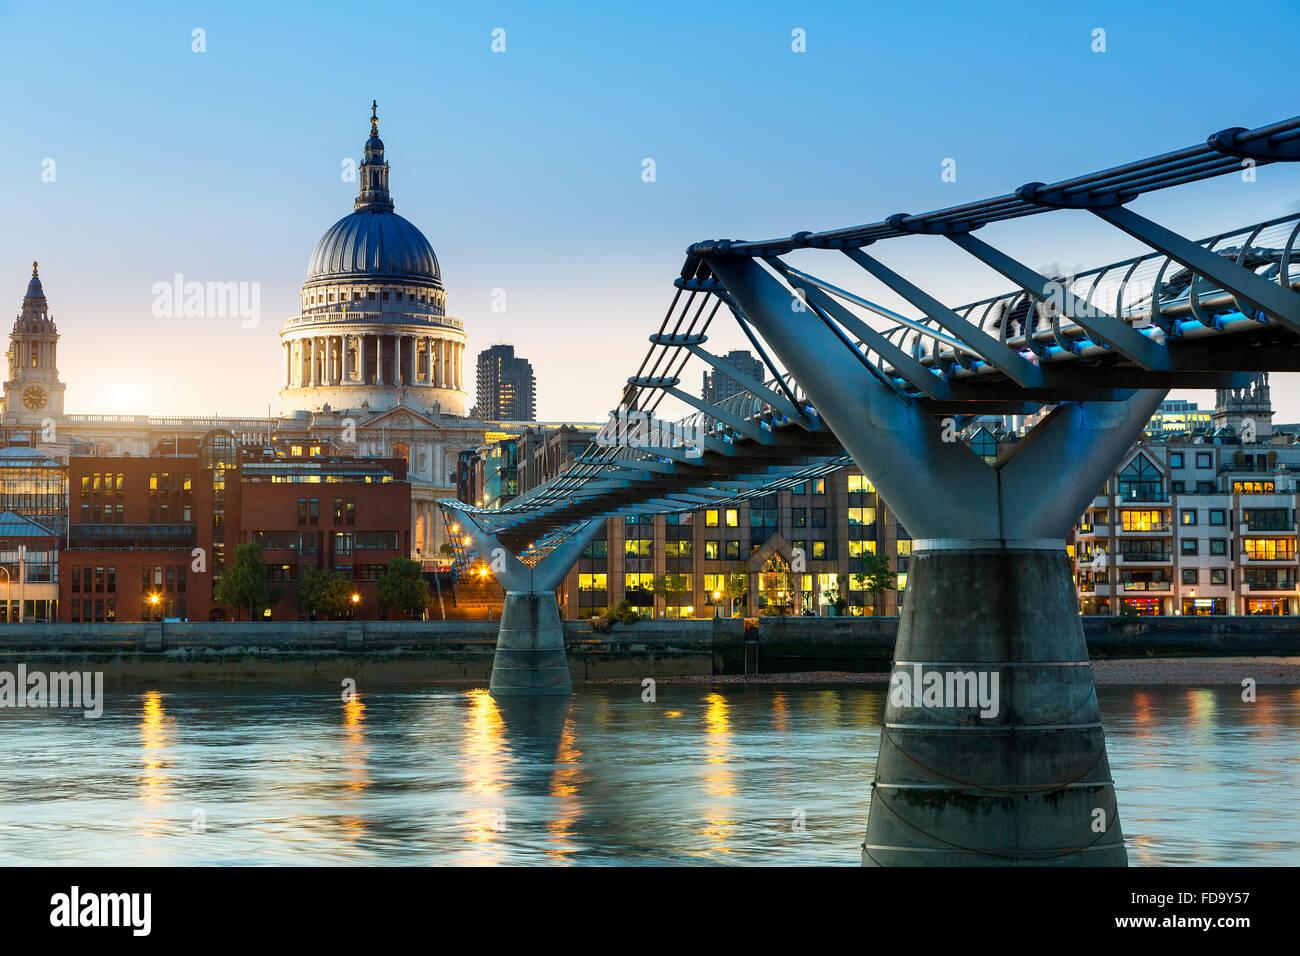 Puente del Milenio de Londres al atardecer Imagen De Stock